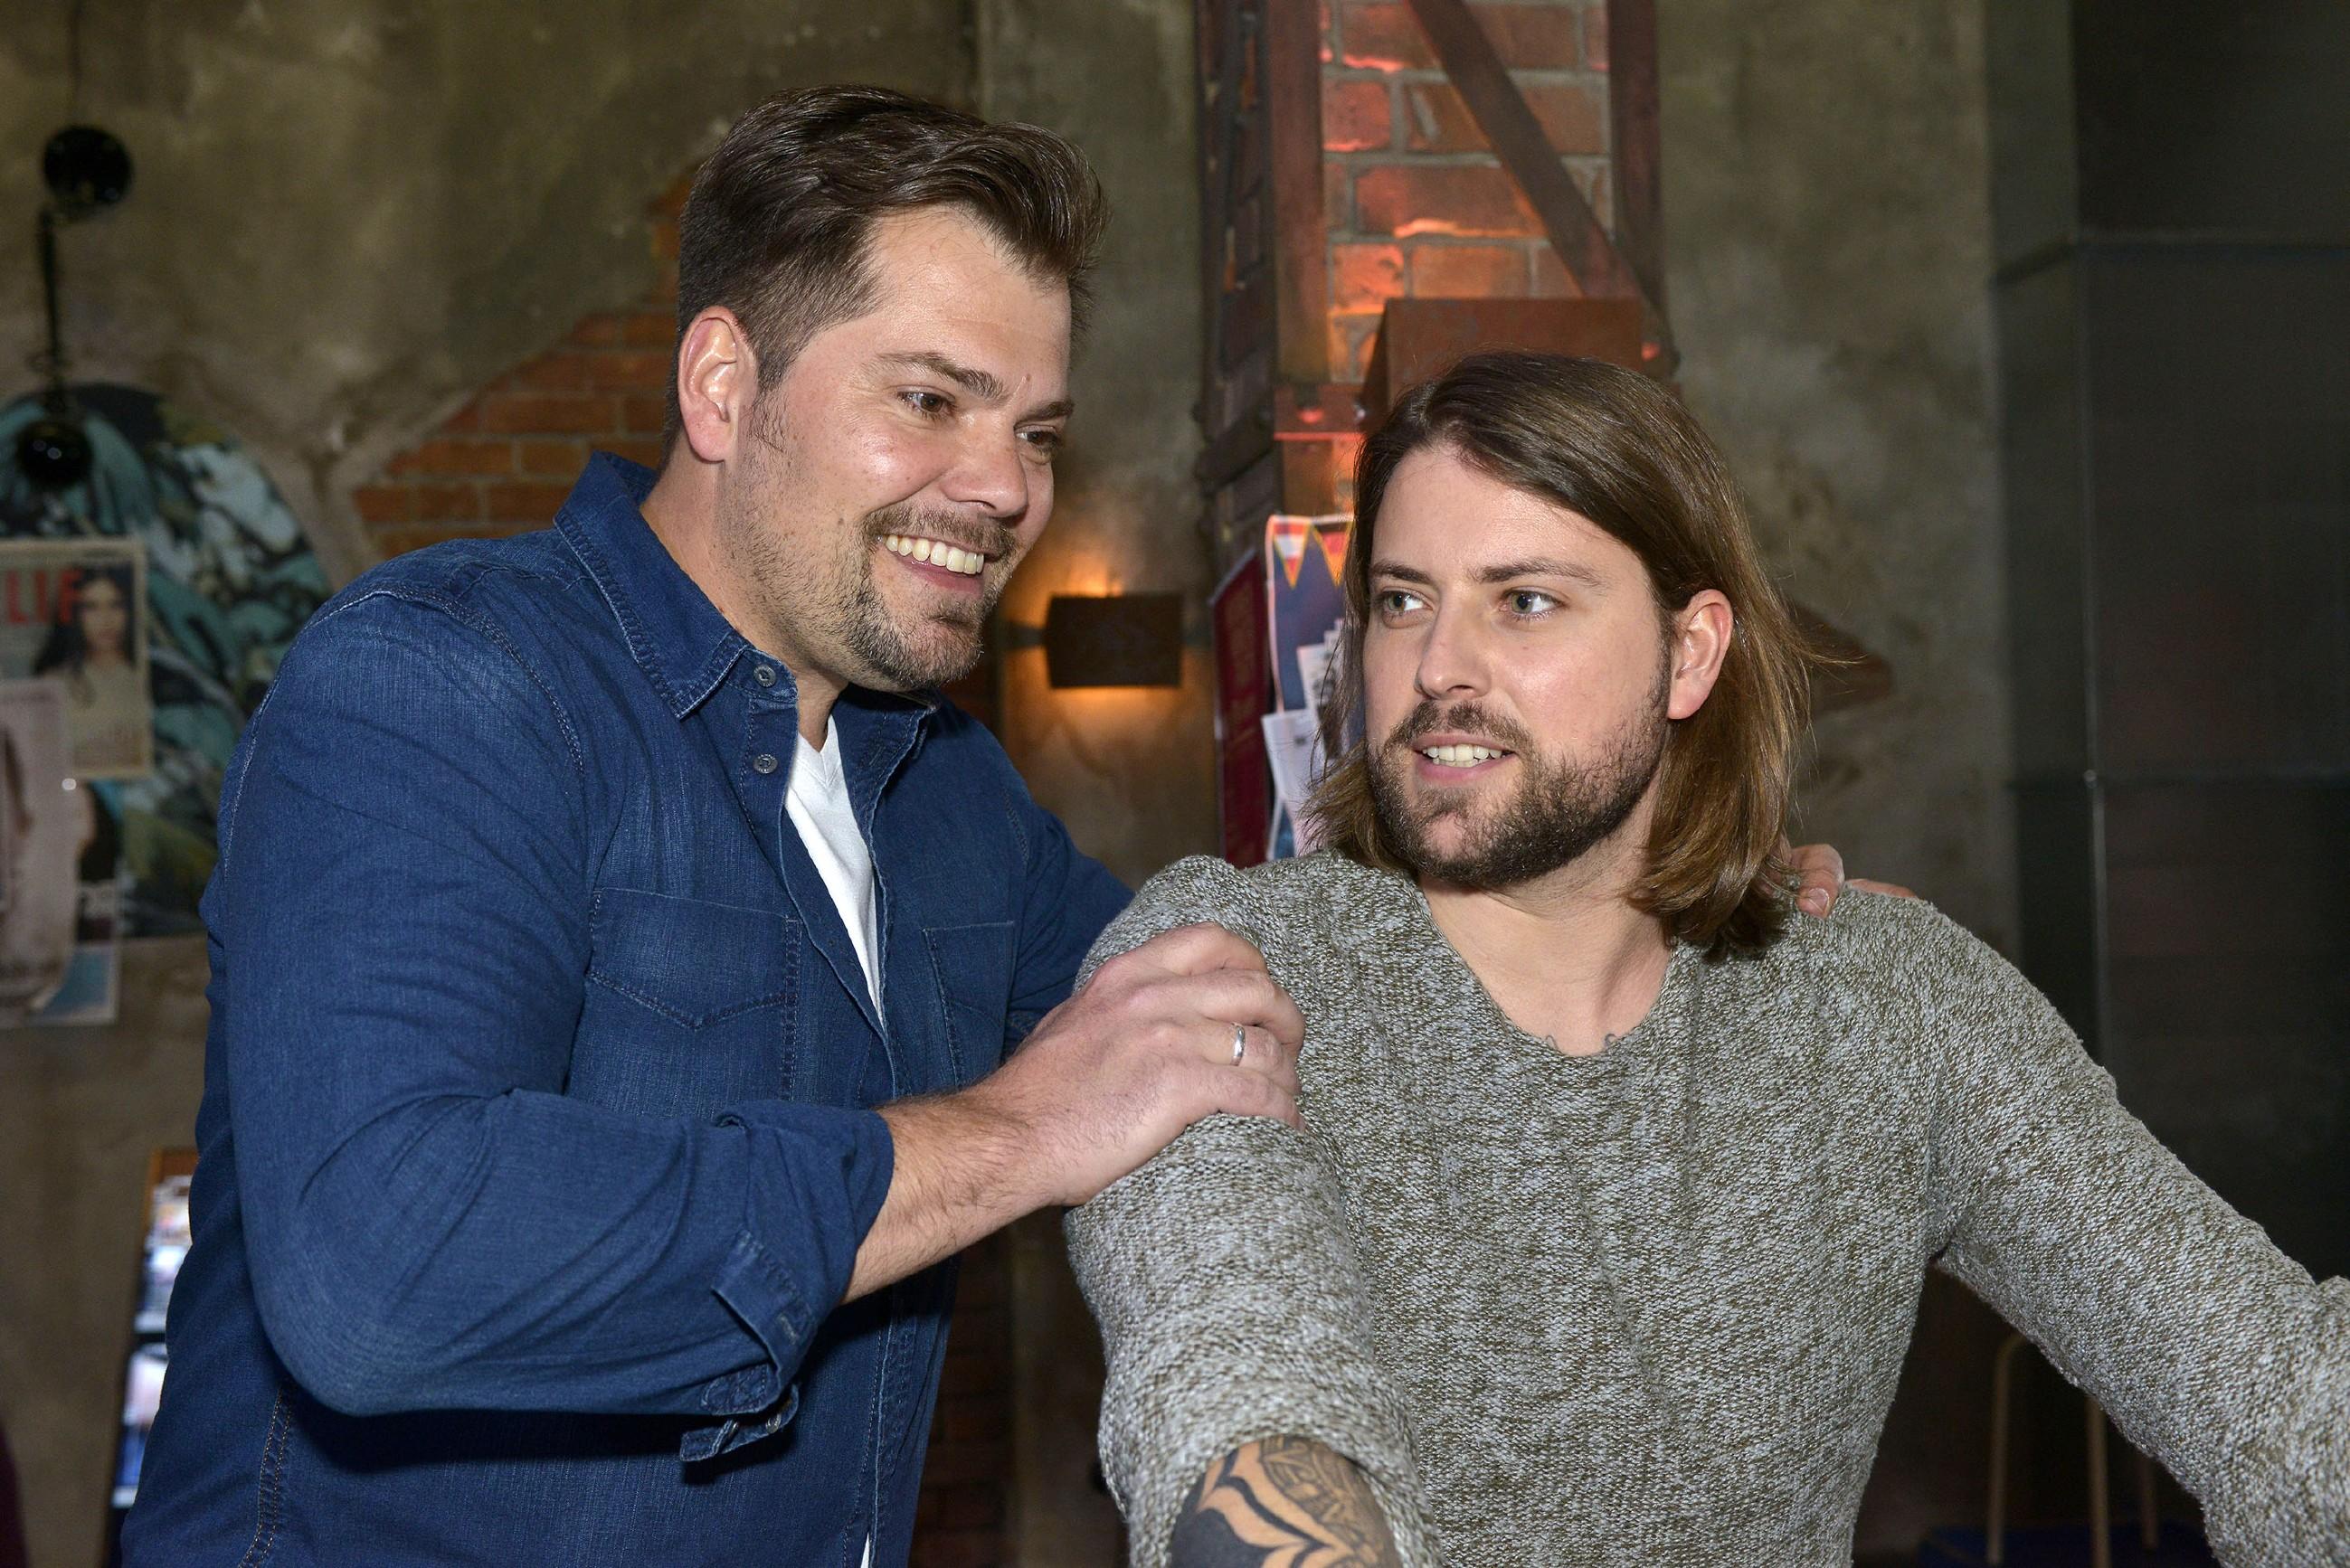 Leon (Daniel Fehlow, l.) und John (Felix von Jascheroff) sind voller Hoffnung, dass sie das Mauerwerk retten können. (Quelle: RTL / Rolf Baumgartner)